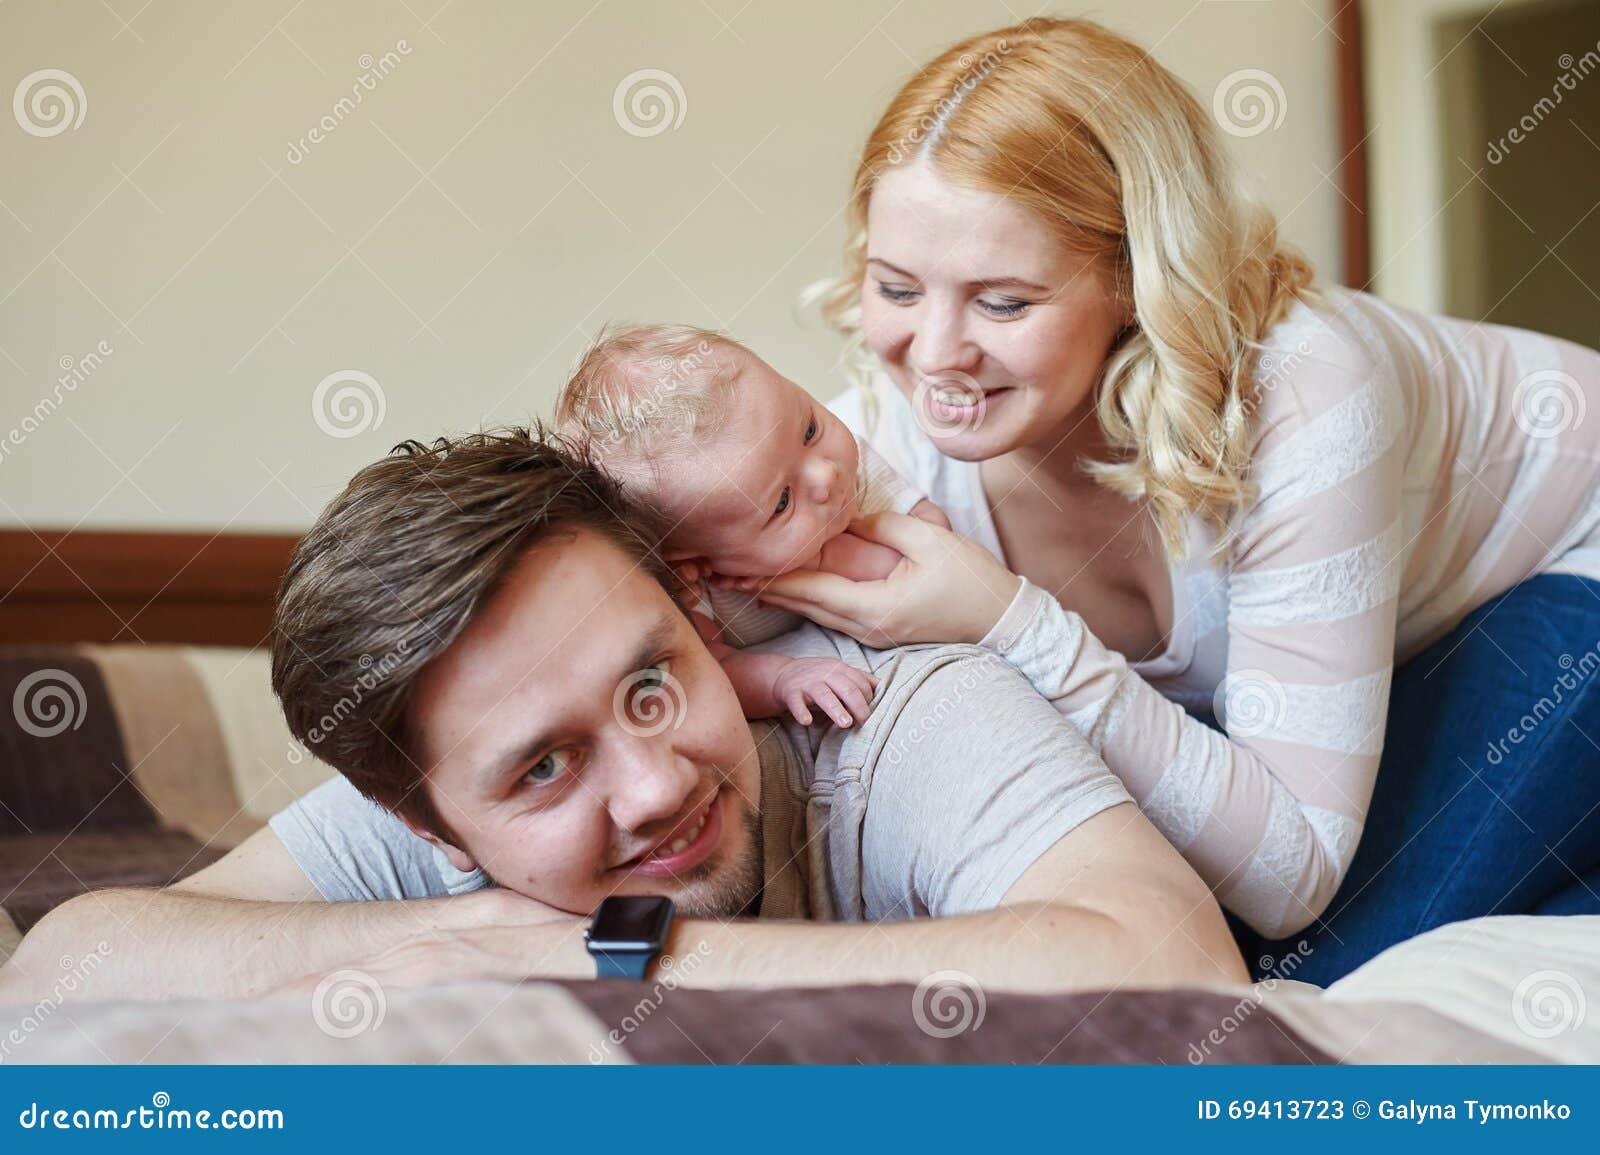 Секс с папулей фото, Фотографии Русский инцест - отец и дочь 5 альбомов 37 фотография